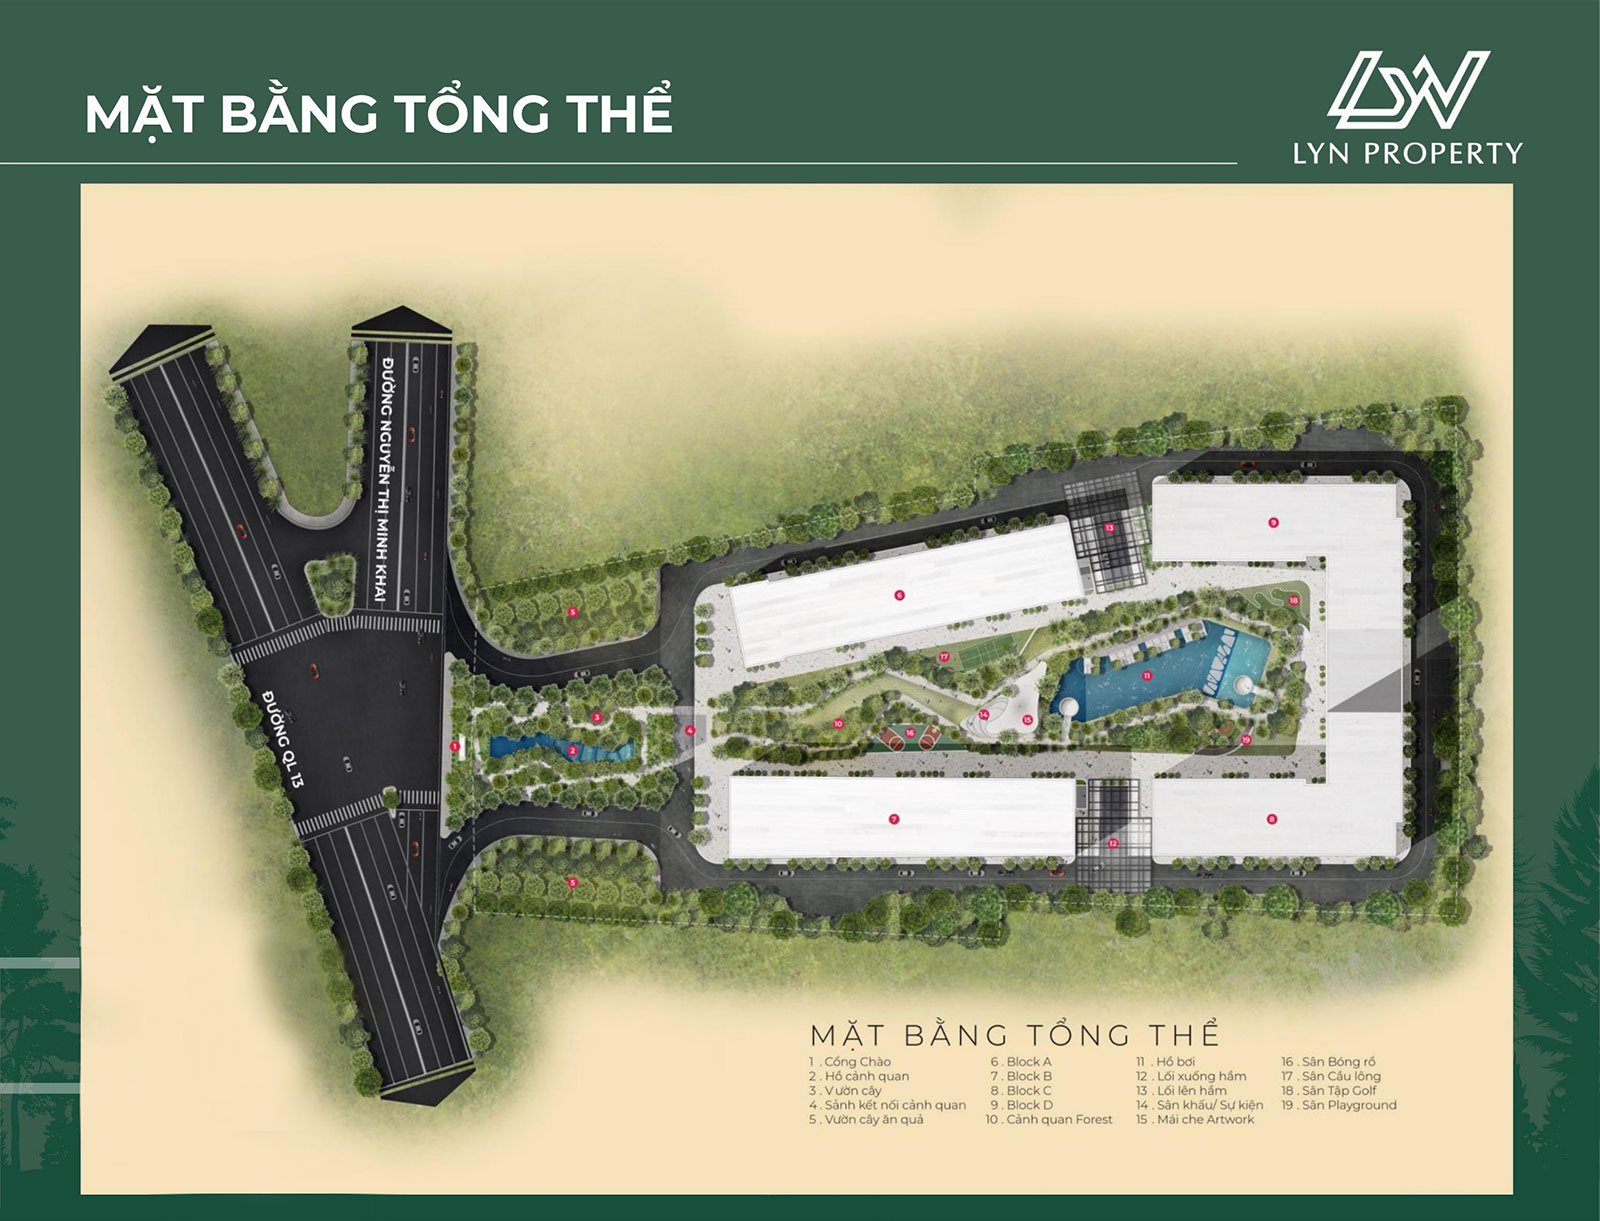 Mặt bằng tổng thể dự án Anderson Park